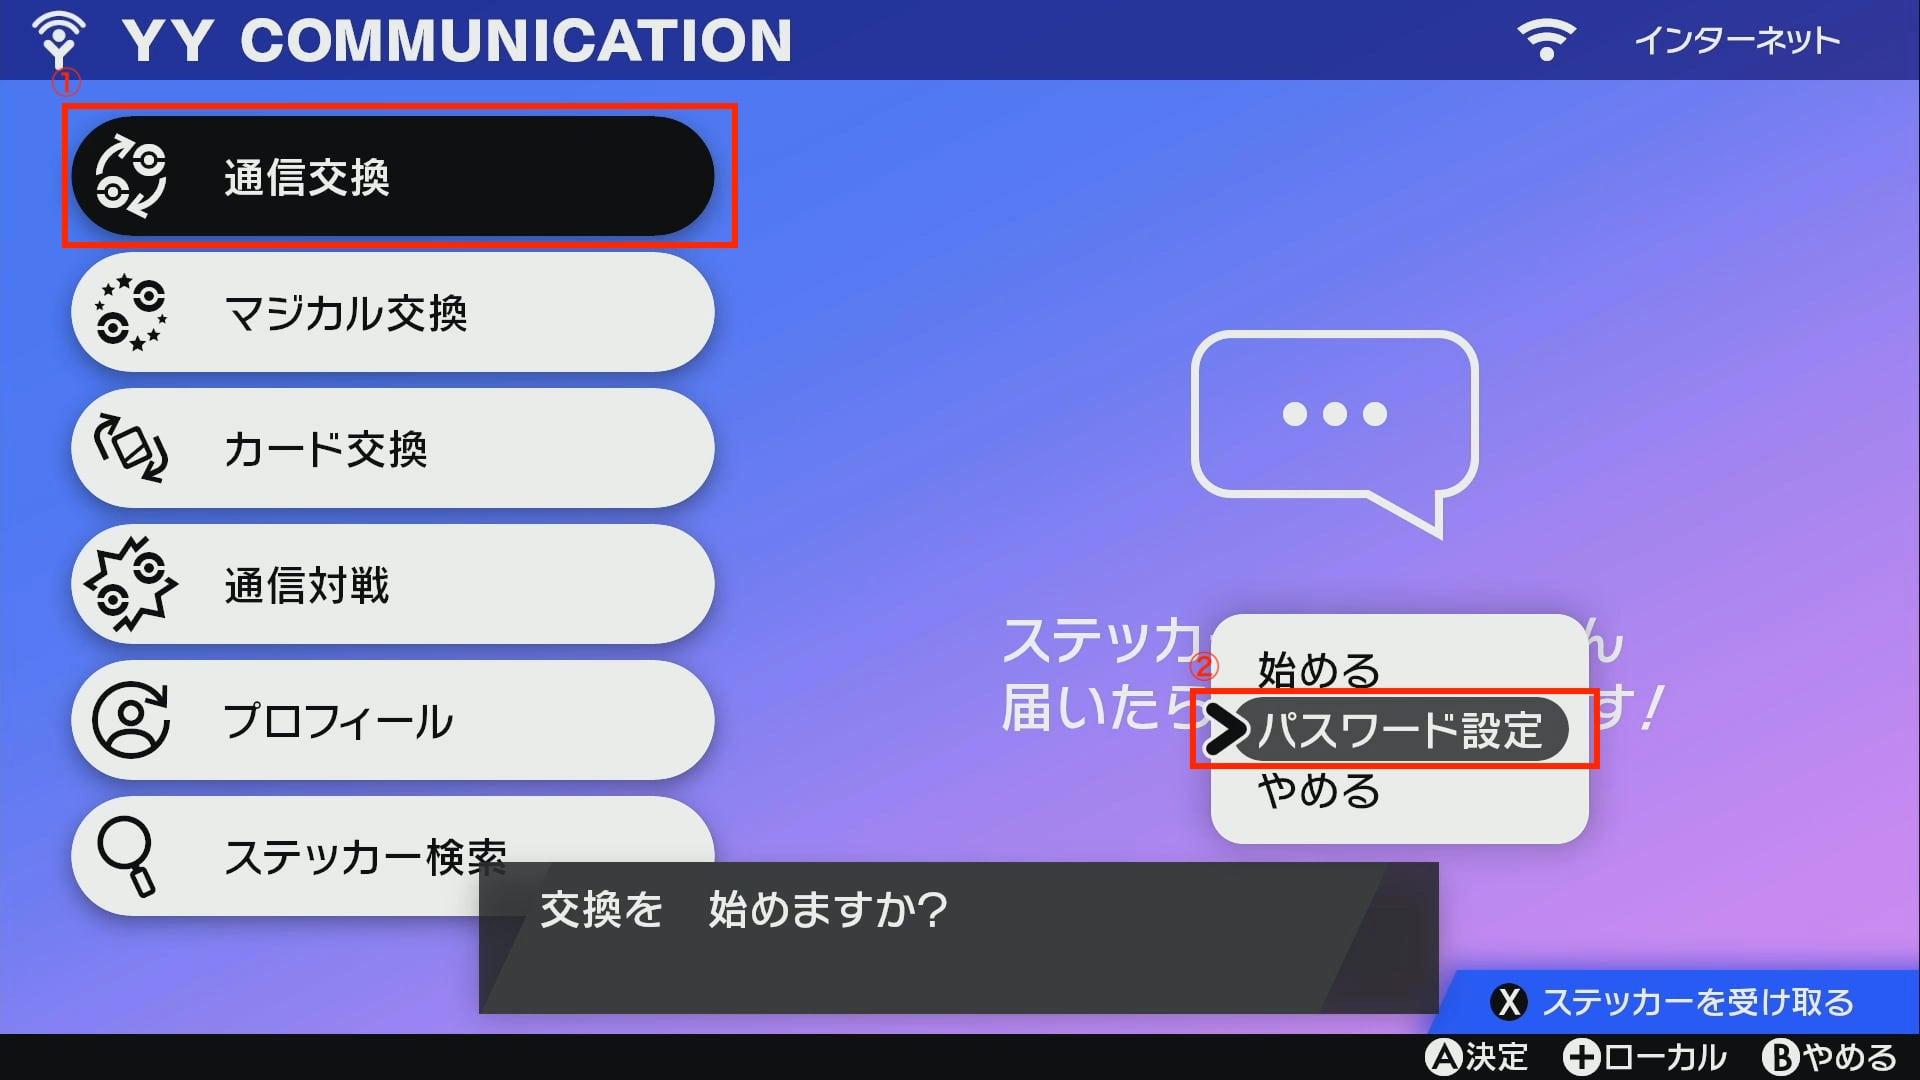 図鑑 埋め ソード ポケモン